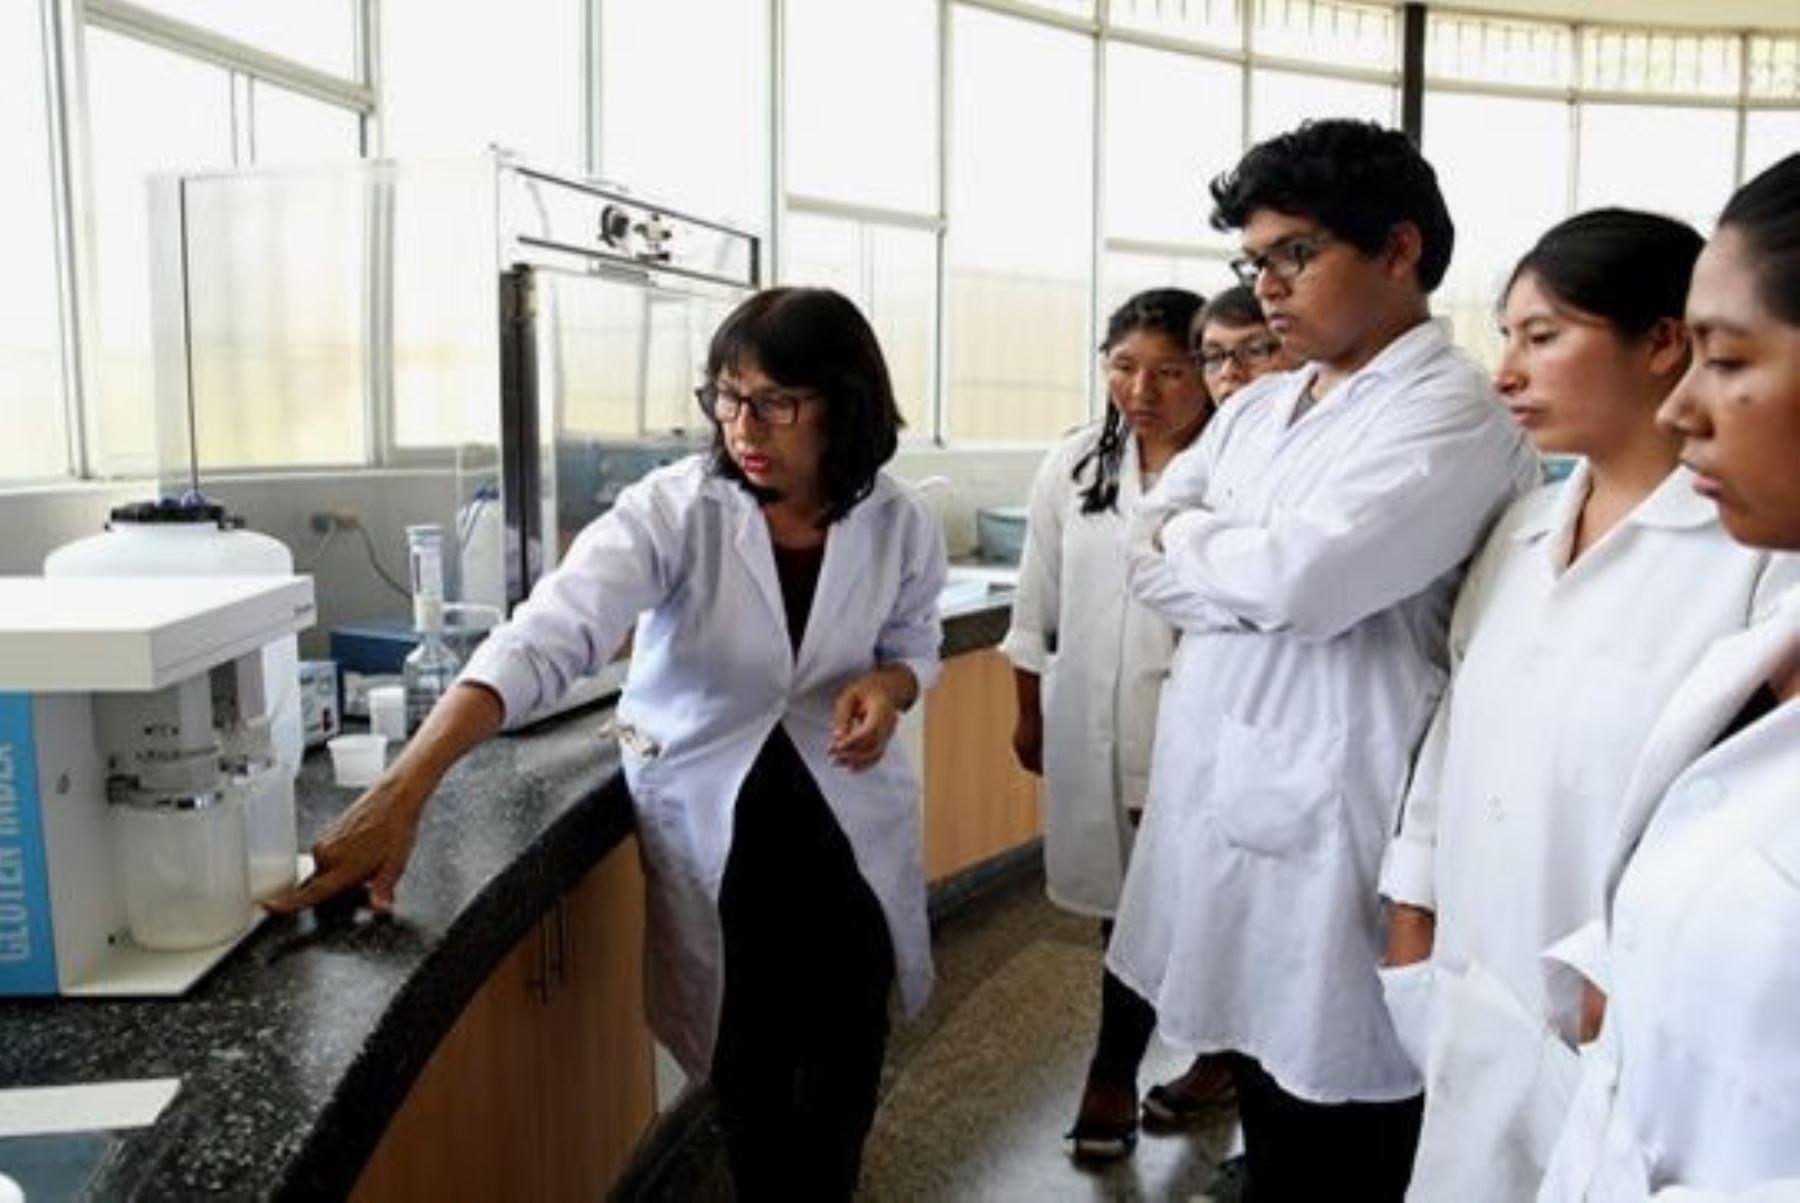 Minedu invirtió más de S/ 1,000 millones en las universidades públicas. Foto: ANDINA/Difusión.